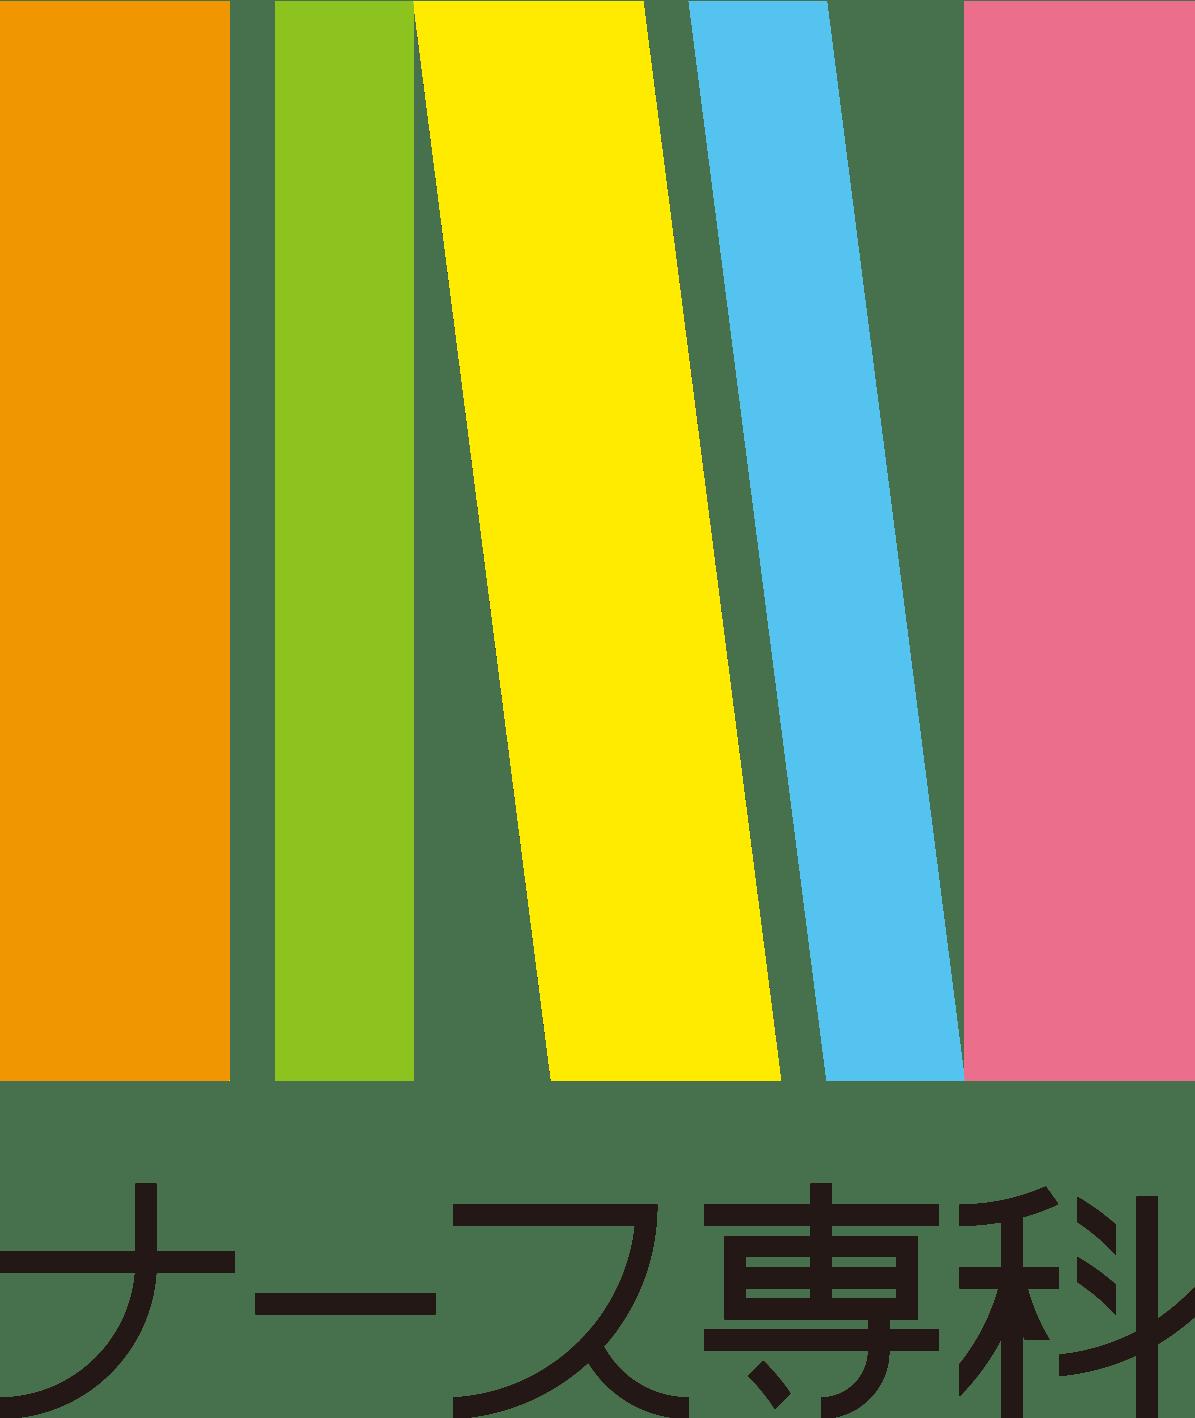 2013 ns logo tate format rgb     03 min